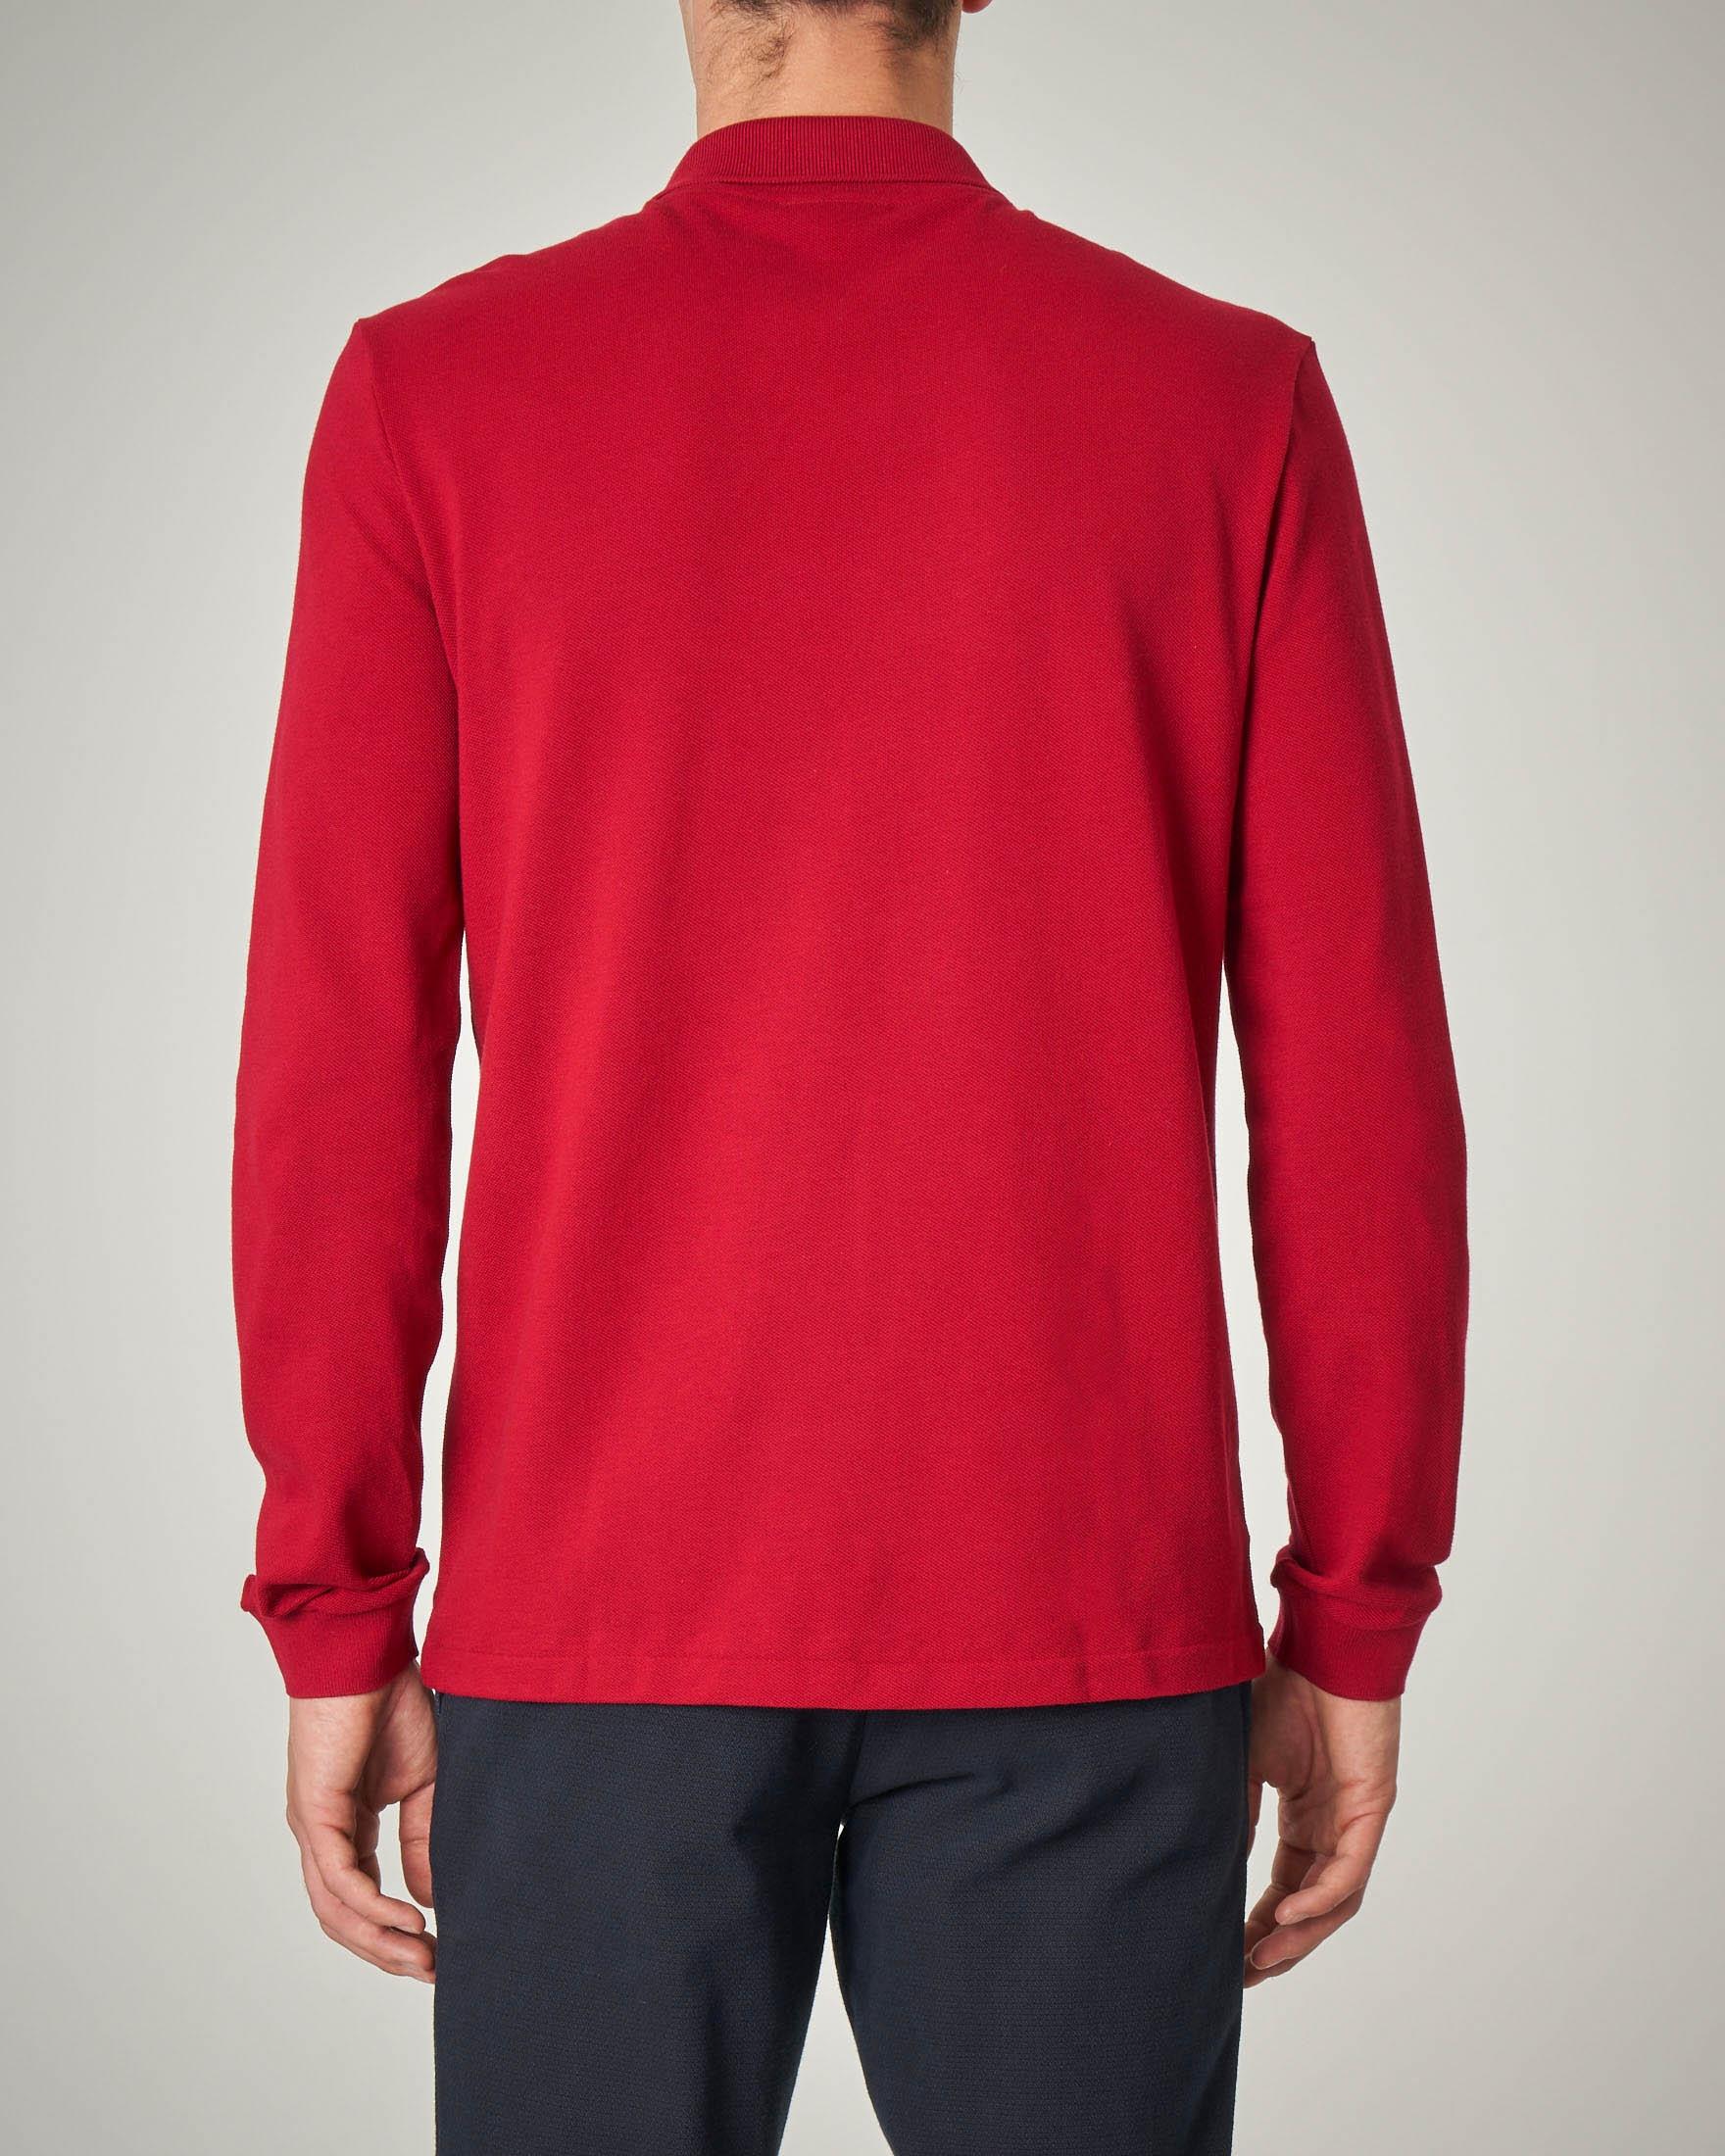 online store 01abe 055af Polo rossa a manica lunga con taschino | Pellizzari E-commerce